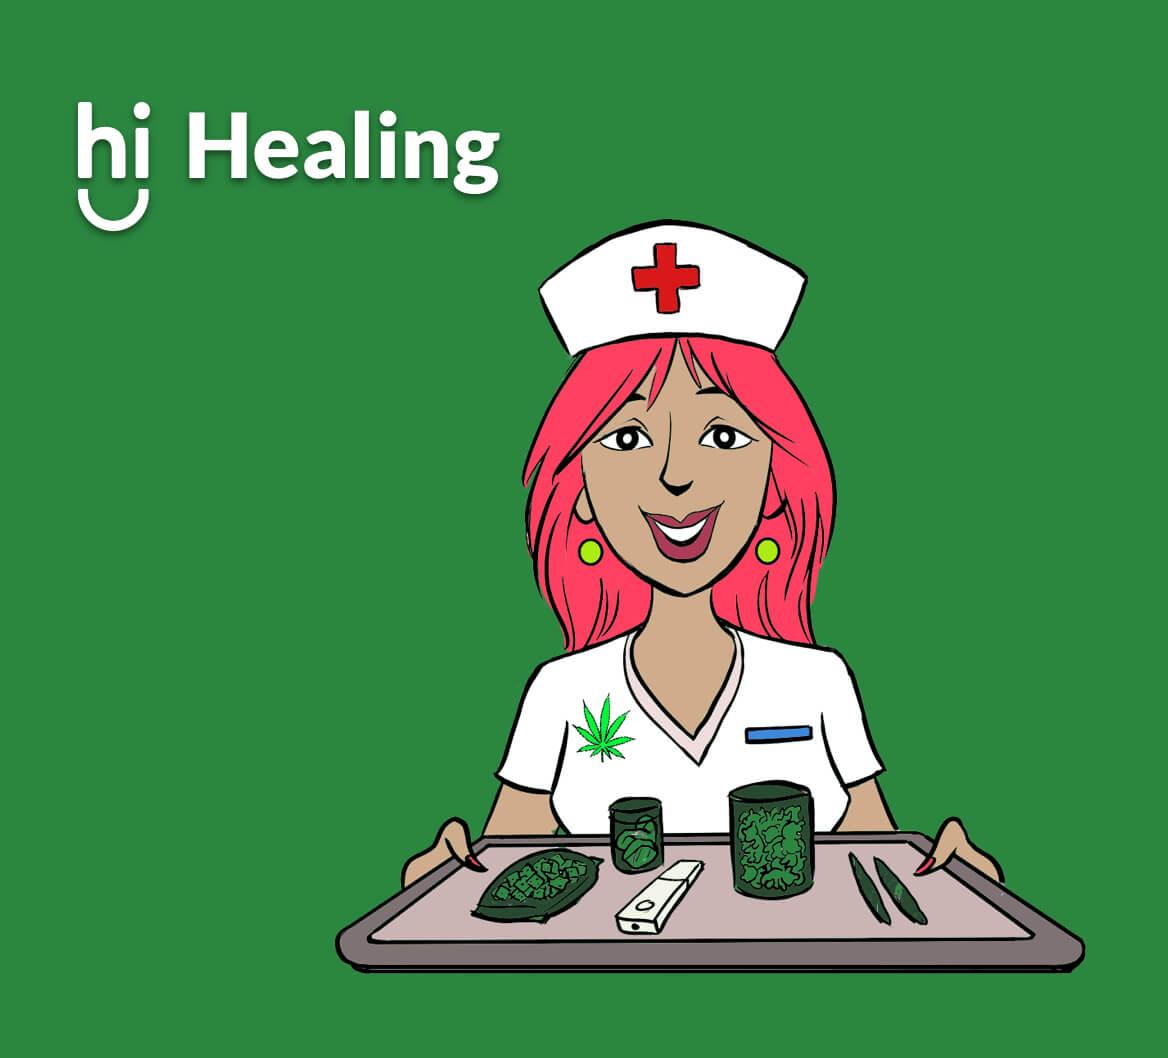 Hi Healing